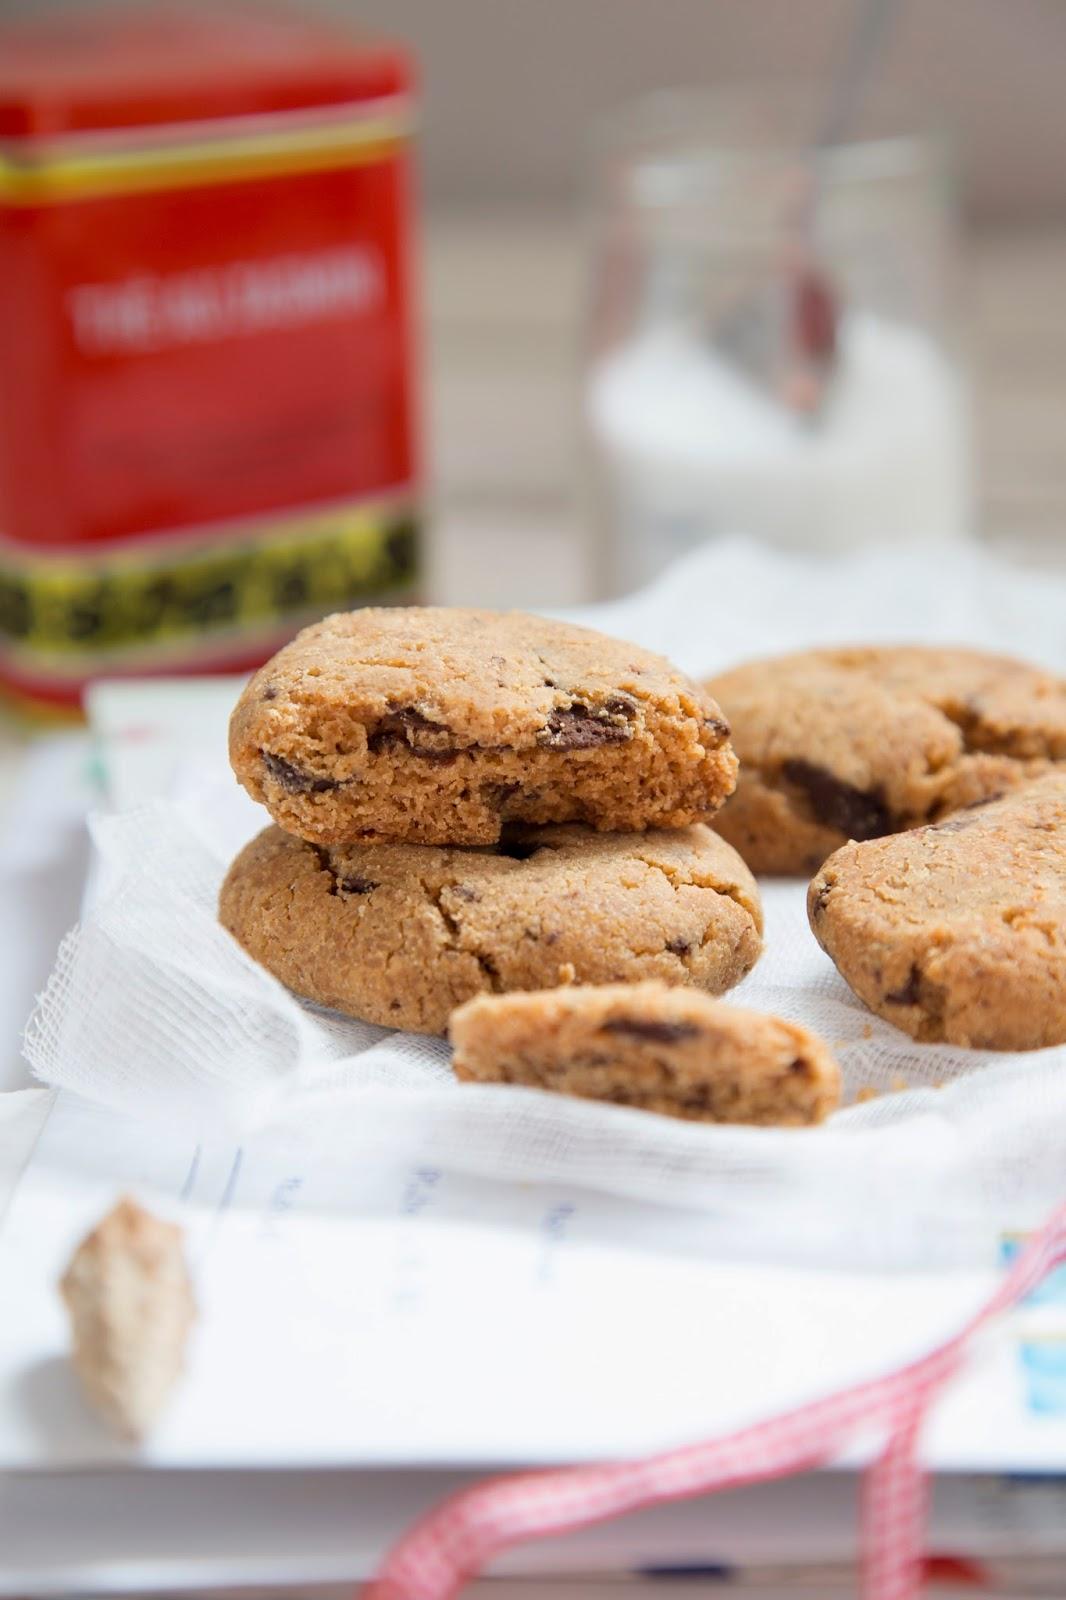 Galletas de cacahuete sin gluten de chocolate y cacahuete